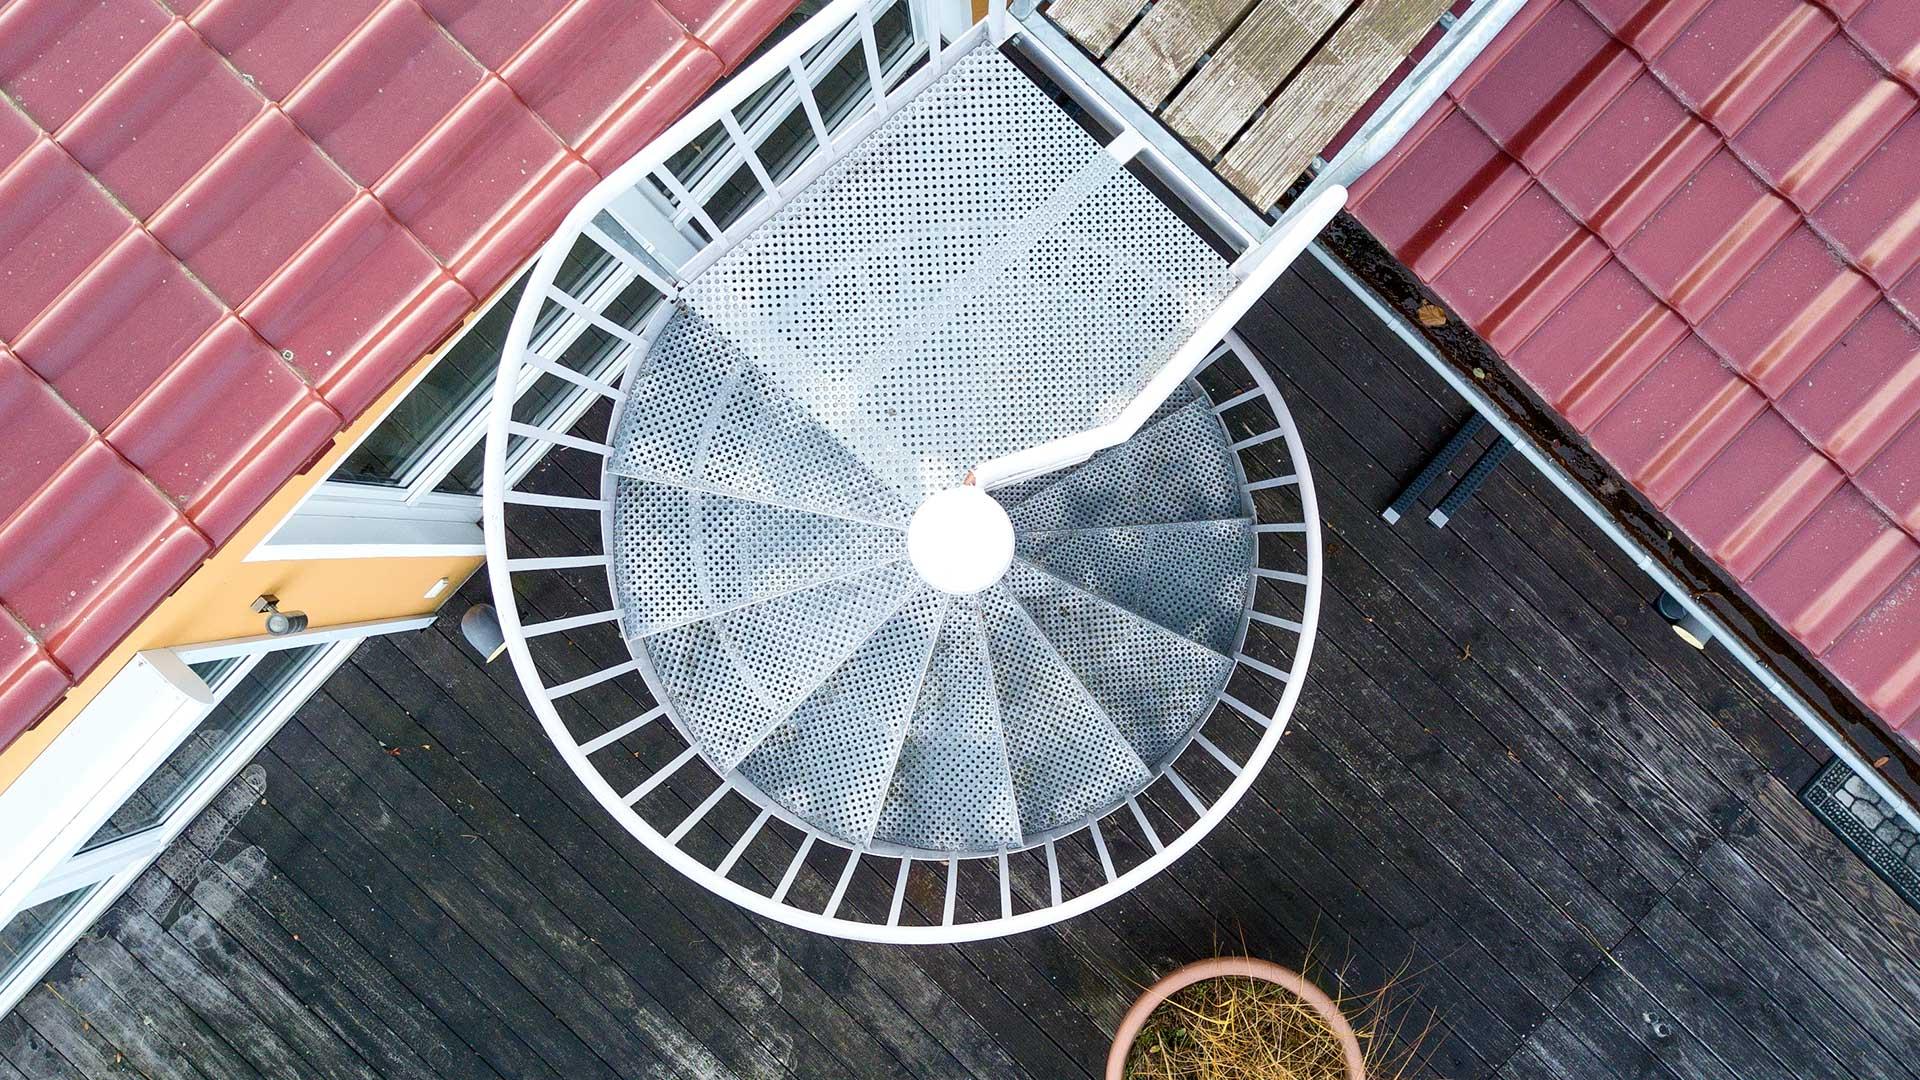 Architekturfotografie, Drohne: Treppenaufgang Dachterrasse | Foto: Dieter Eikenberg, imprints